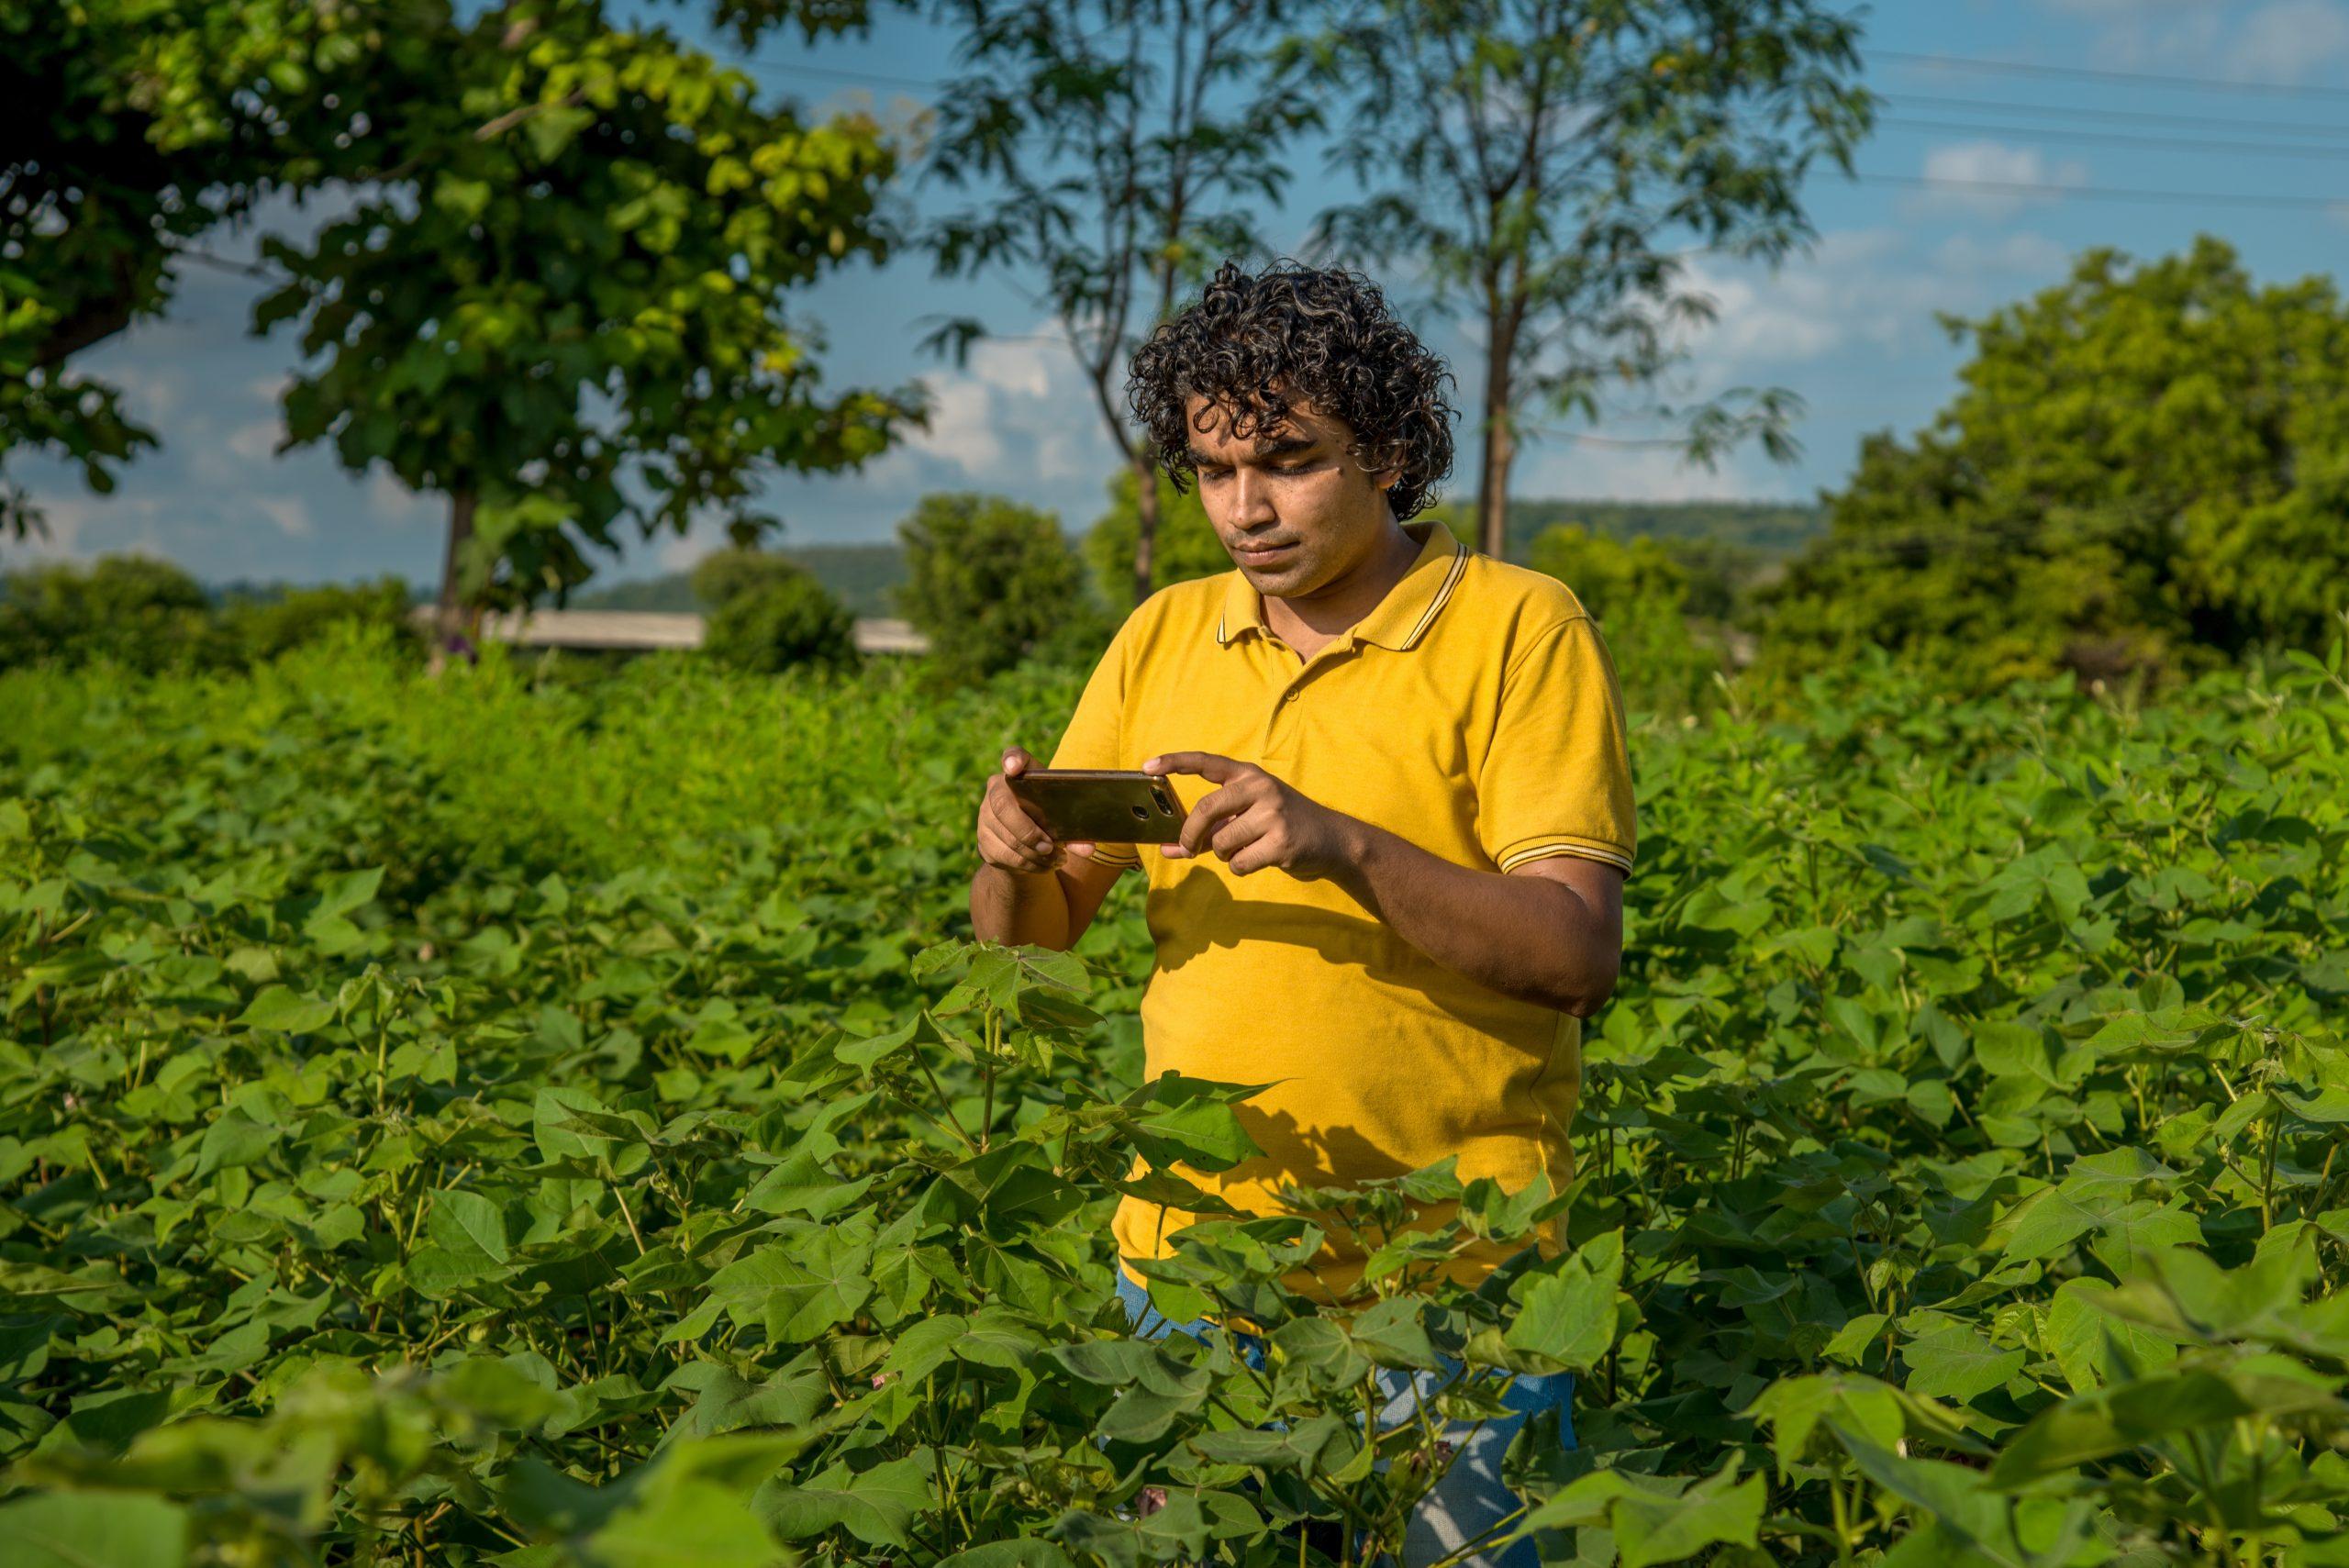 A man holding a phone on a farm